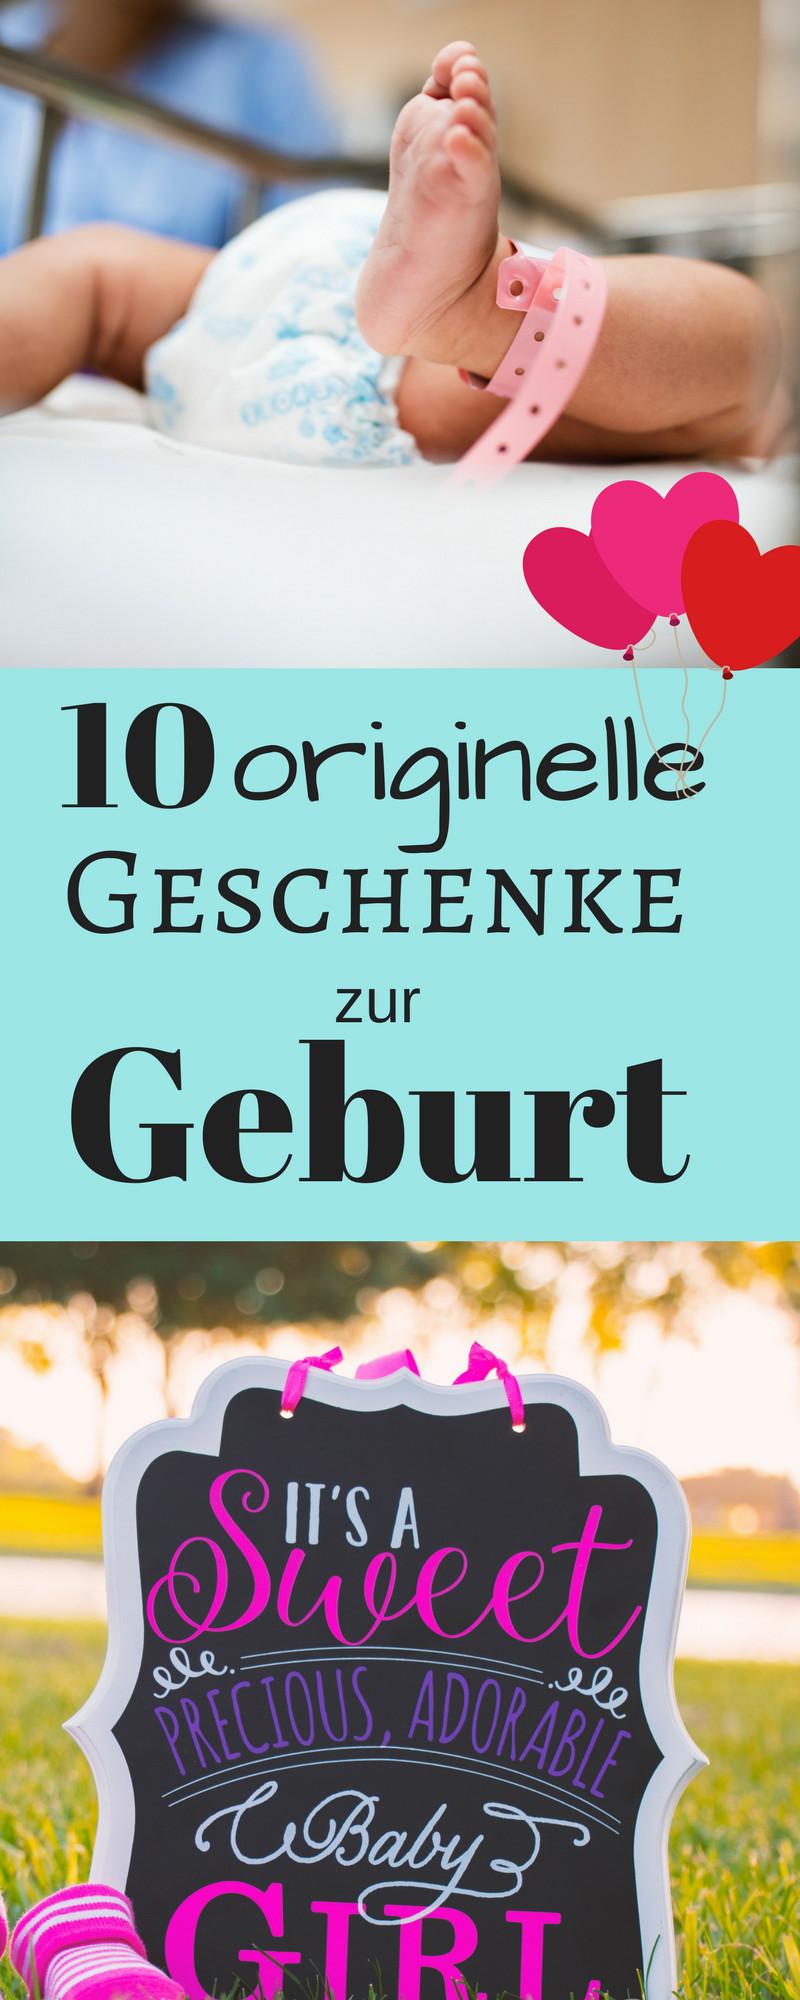 Ausgefallene Geschenke Zur Geburt  10 originelle Geschenke zur Geburt für Mädchen & Jungs